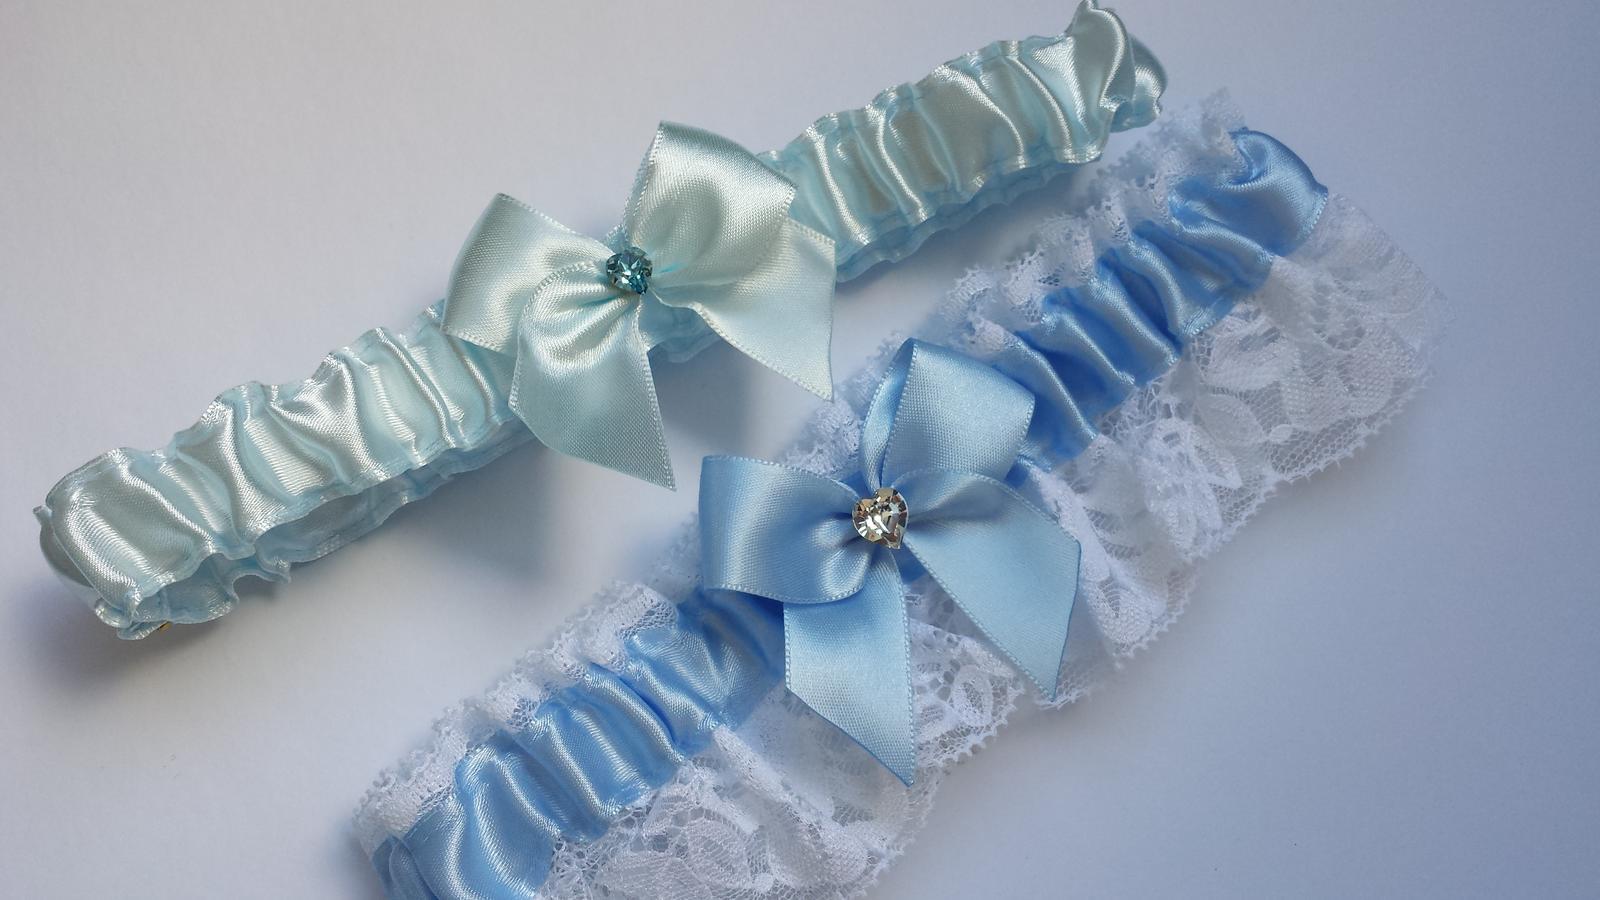 Podvazky + nově sady Swarovski podvazků - Různé odstíny modré